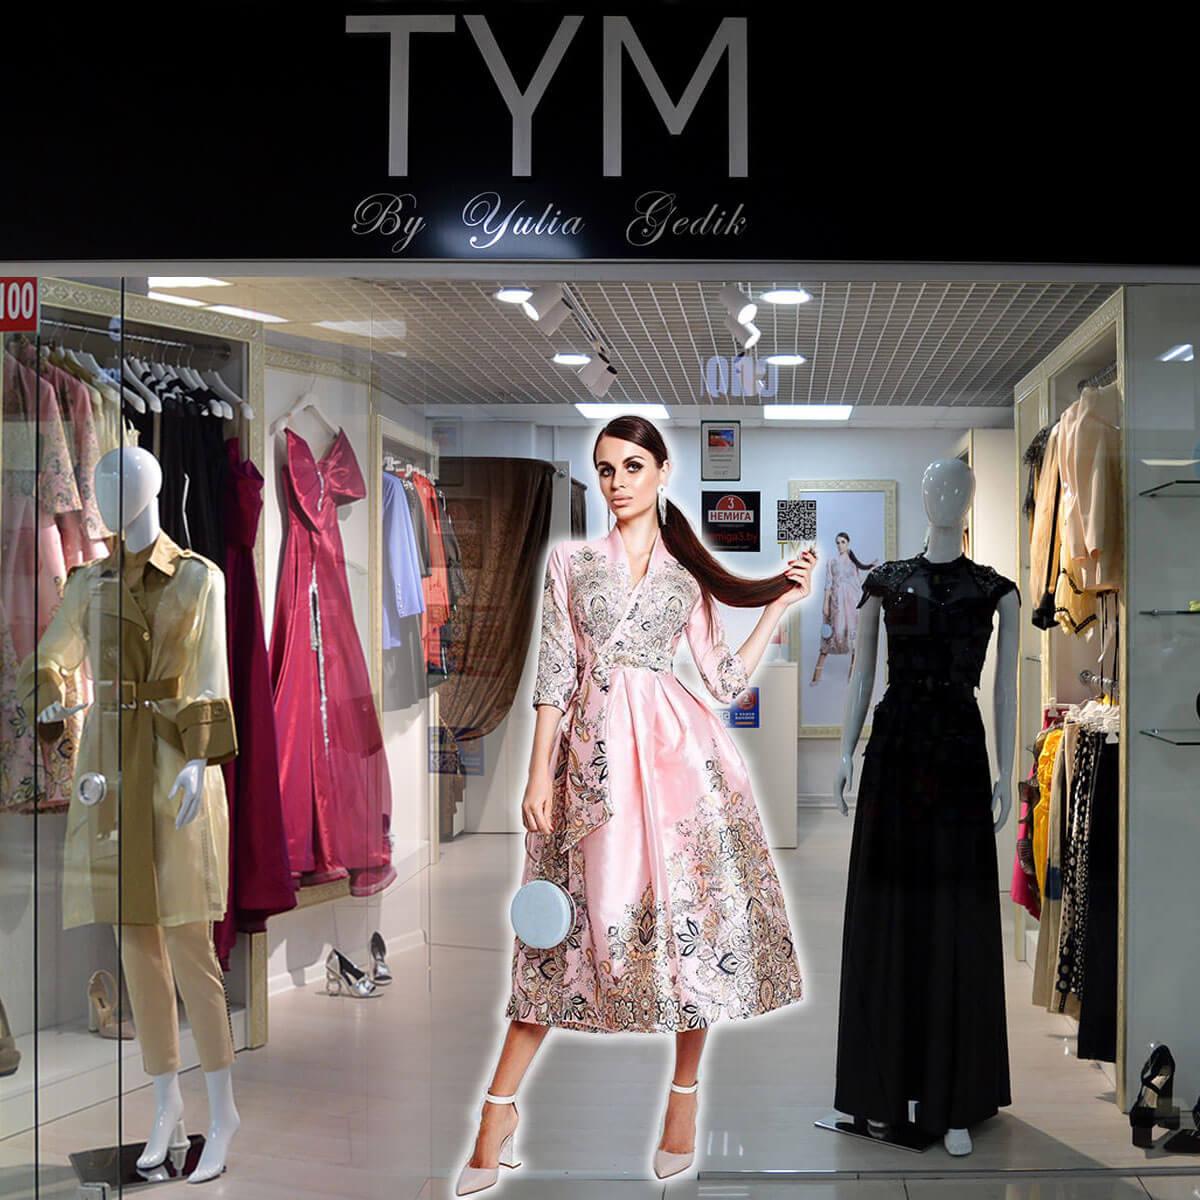 Открылся салон дизайнерской одежды и аксессуаров «TYM by Yulia Gedik» в Торговом Центре «Немига 3»